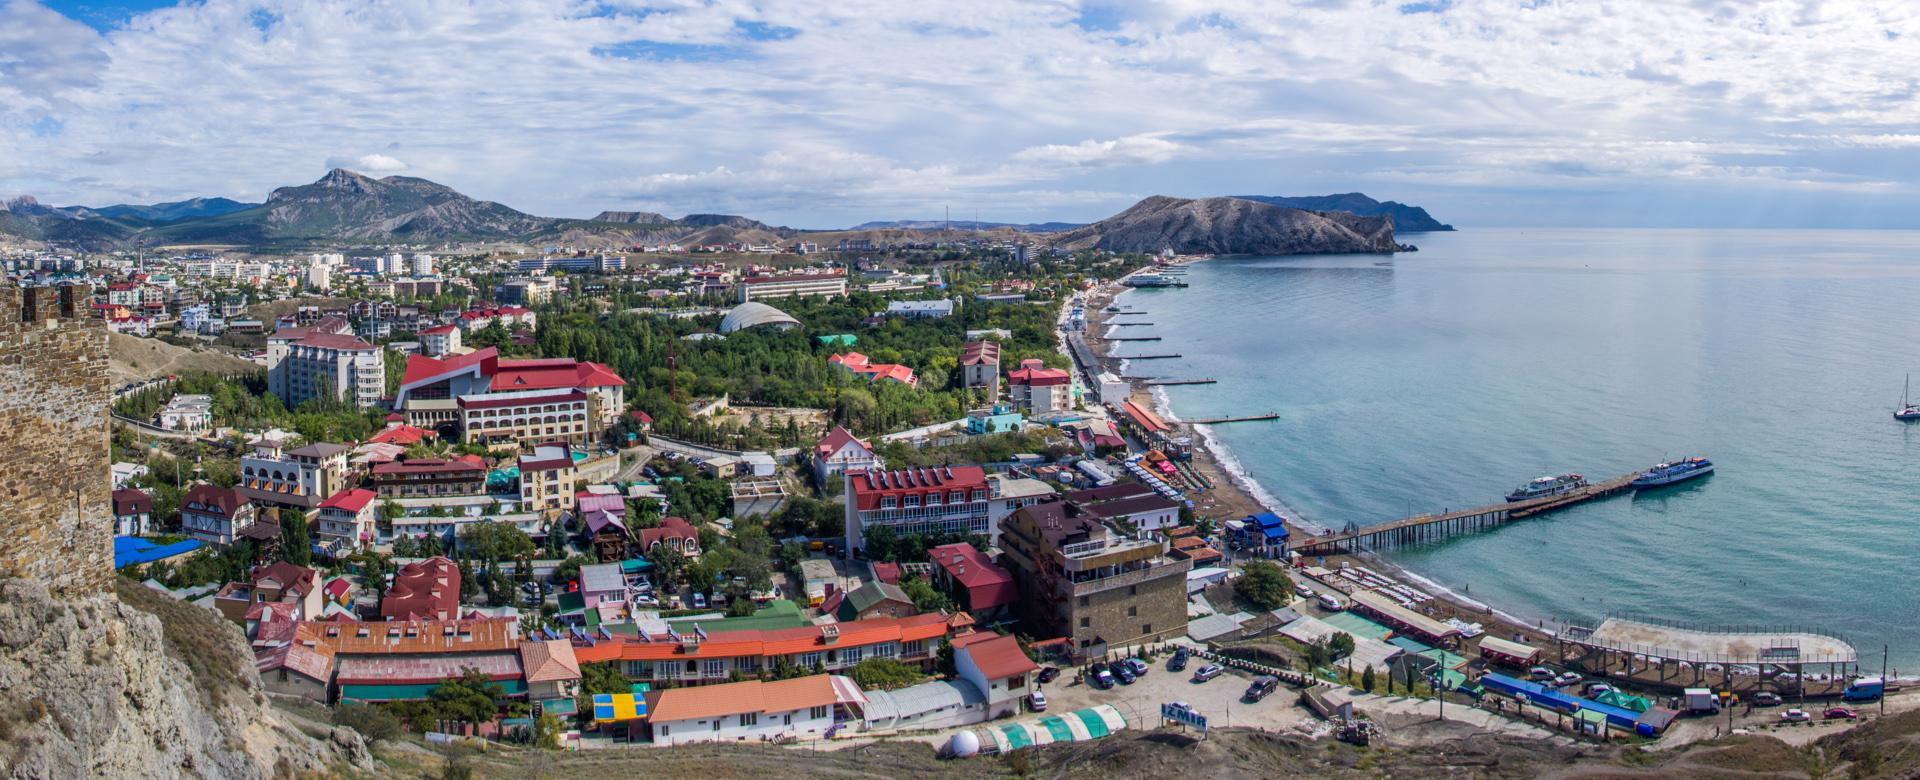 Судак город в Крыму